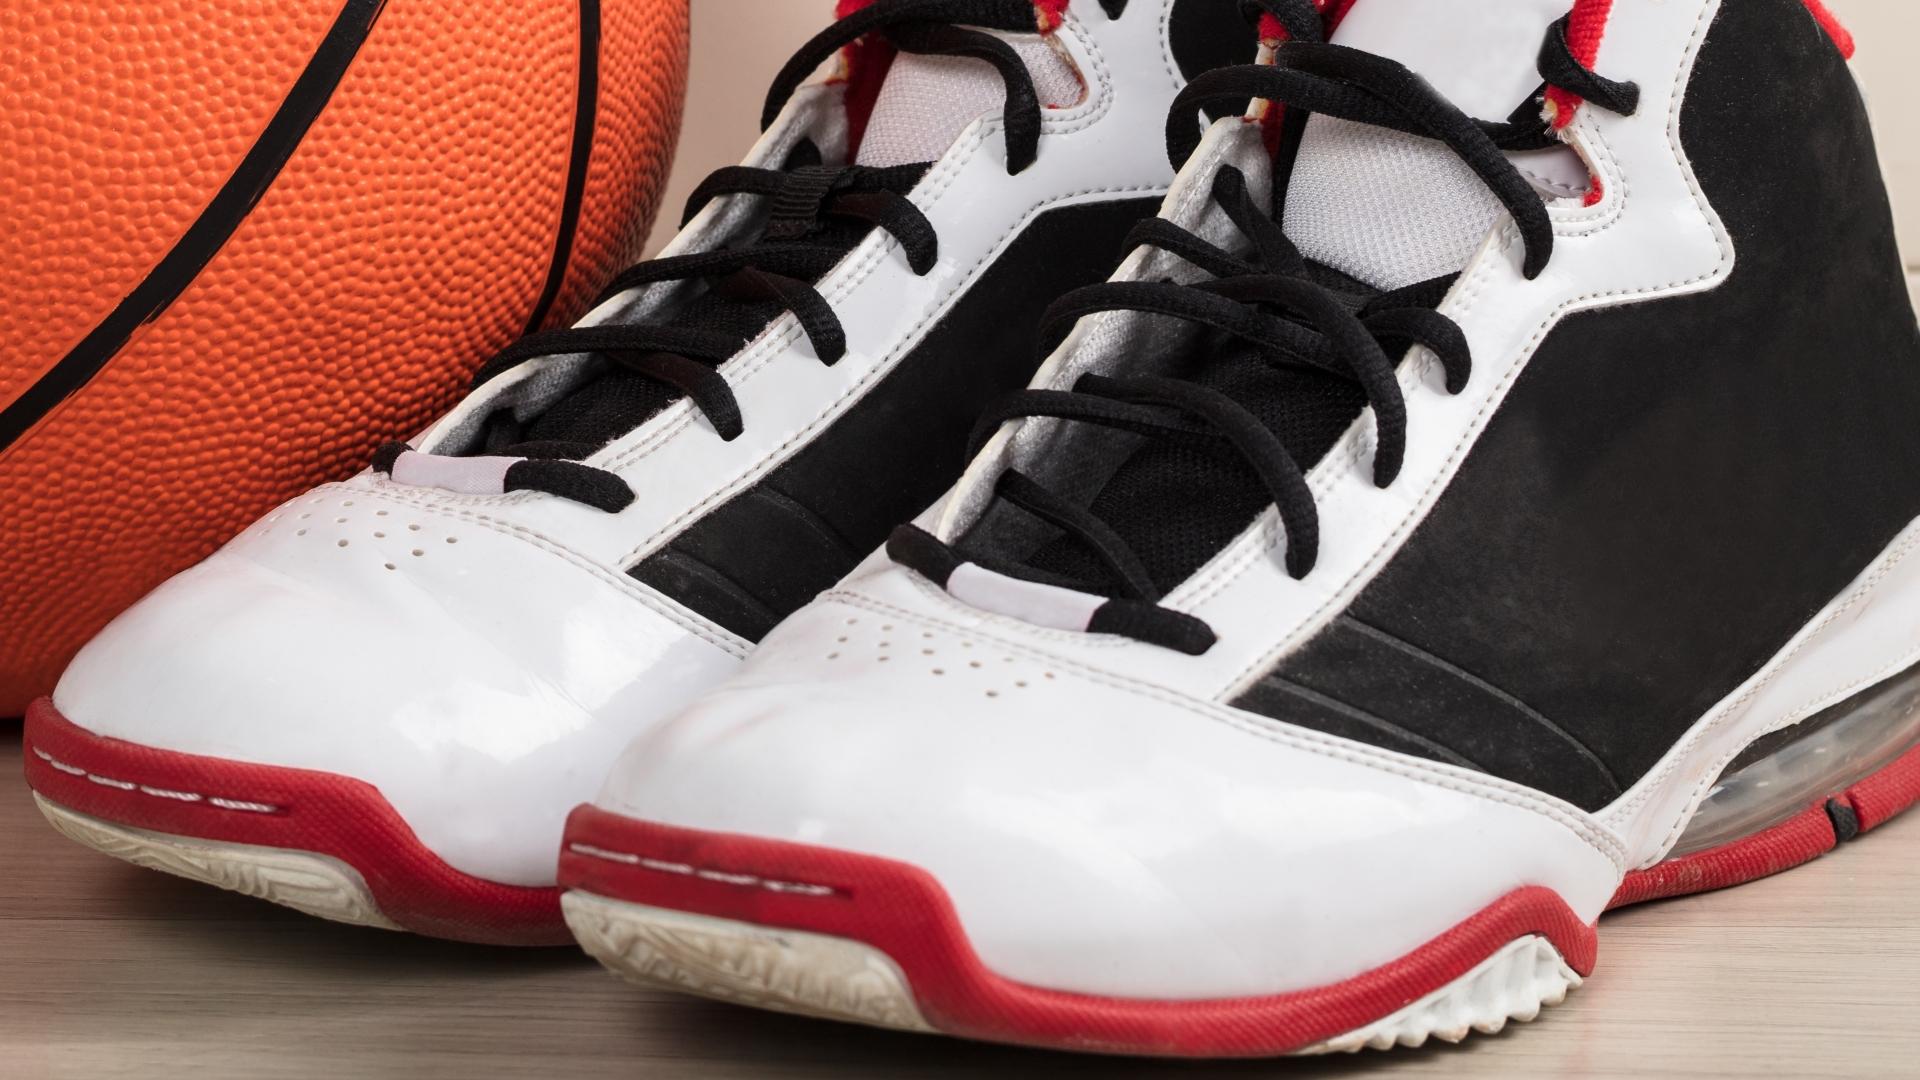 Basketbalschoenen: Wat zijn de beste basketbalschoenen van 2020?